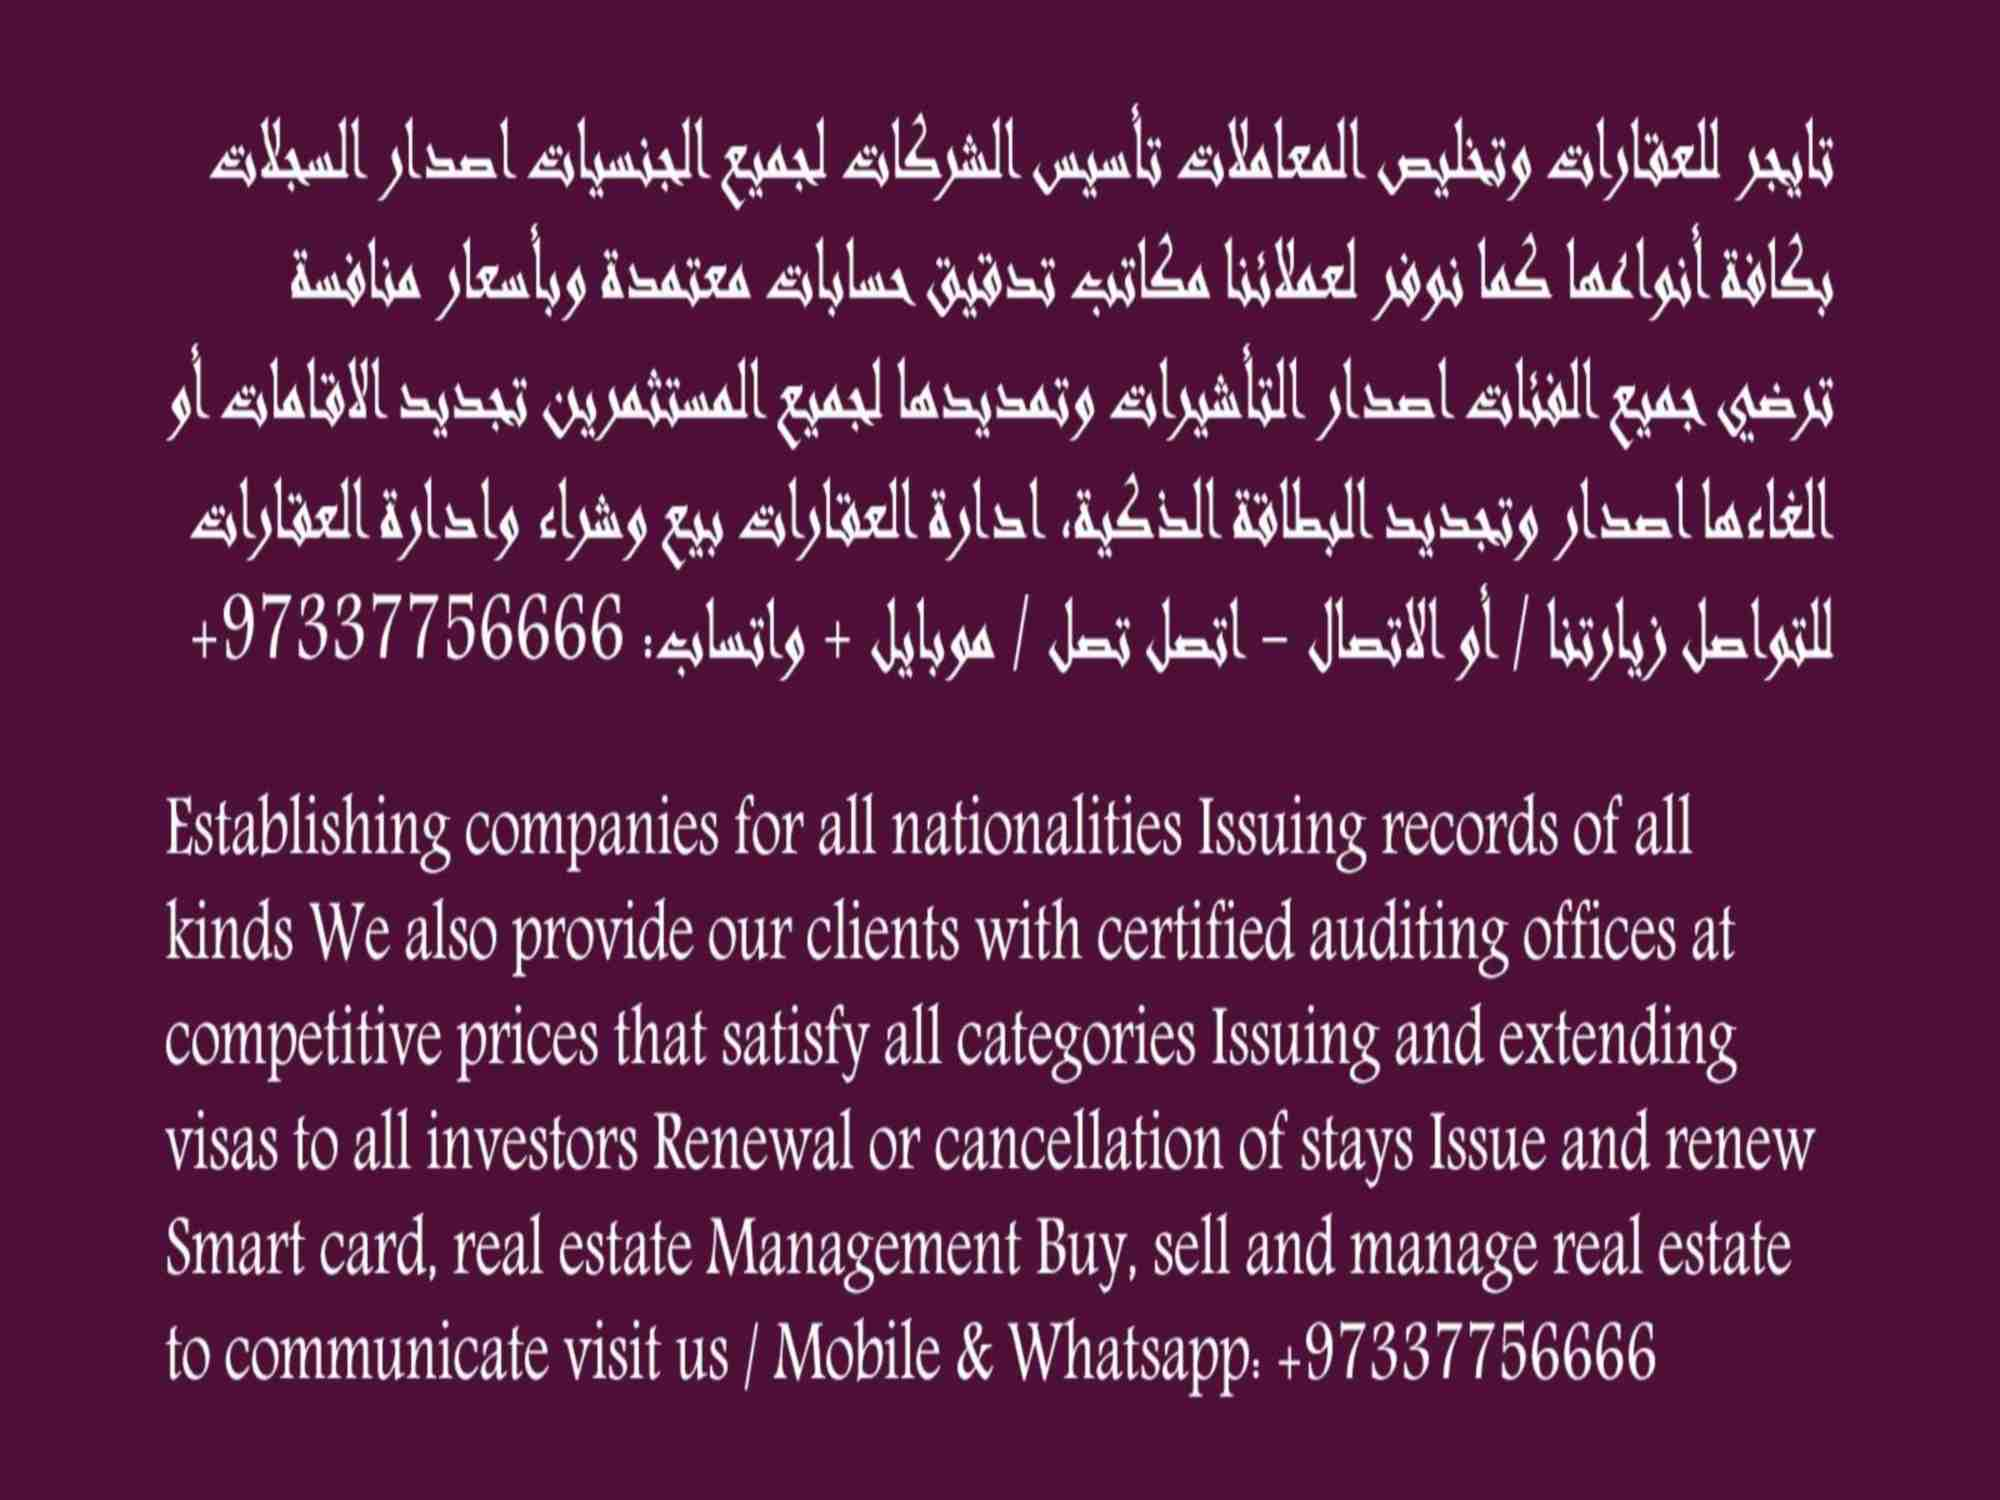 نحن شركة قرضهل تحتاج شركتك أو شركتك أو صناعتك إلى قرض؟ هل تحتاج إلى قرض لبدء عملك؟ هل تحت-  تأسيس شركات لجميع...